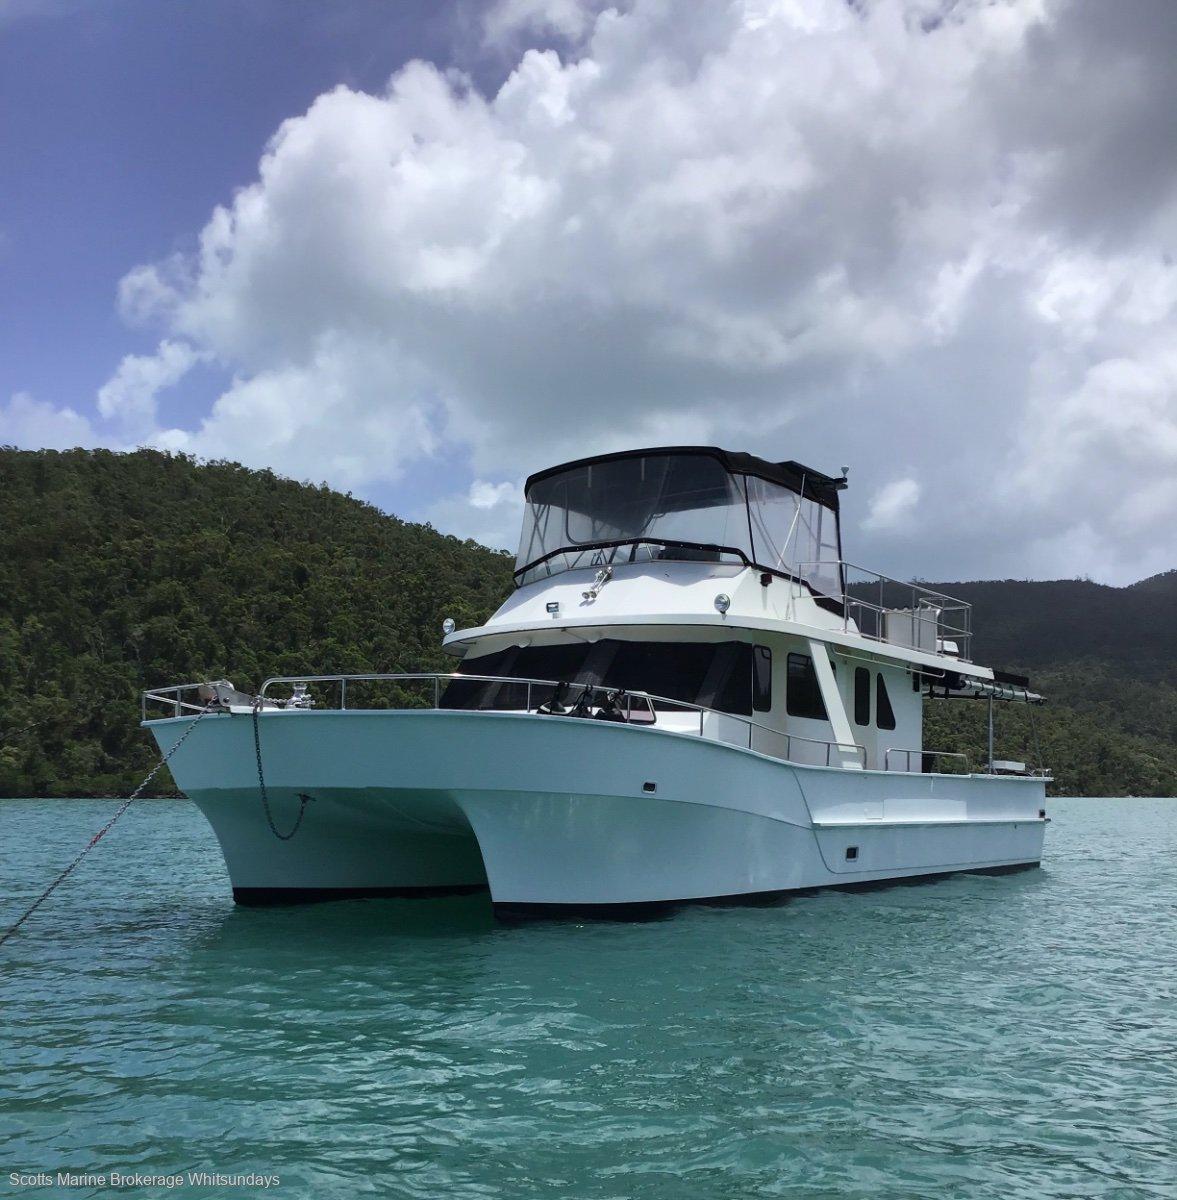 Nustar 50 flybridge power catamaran